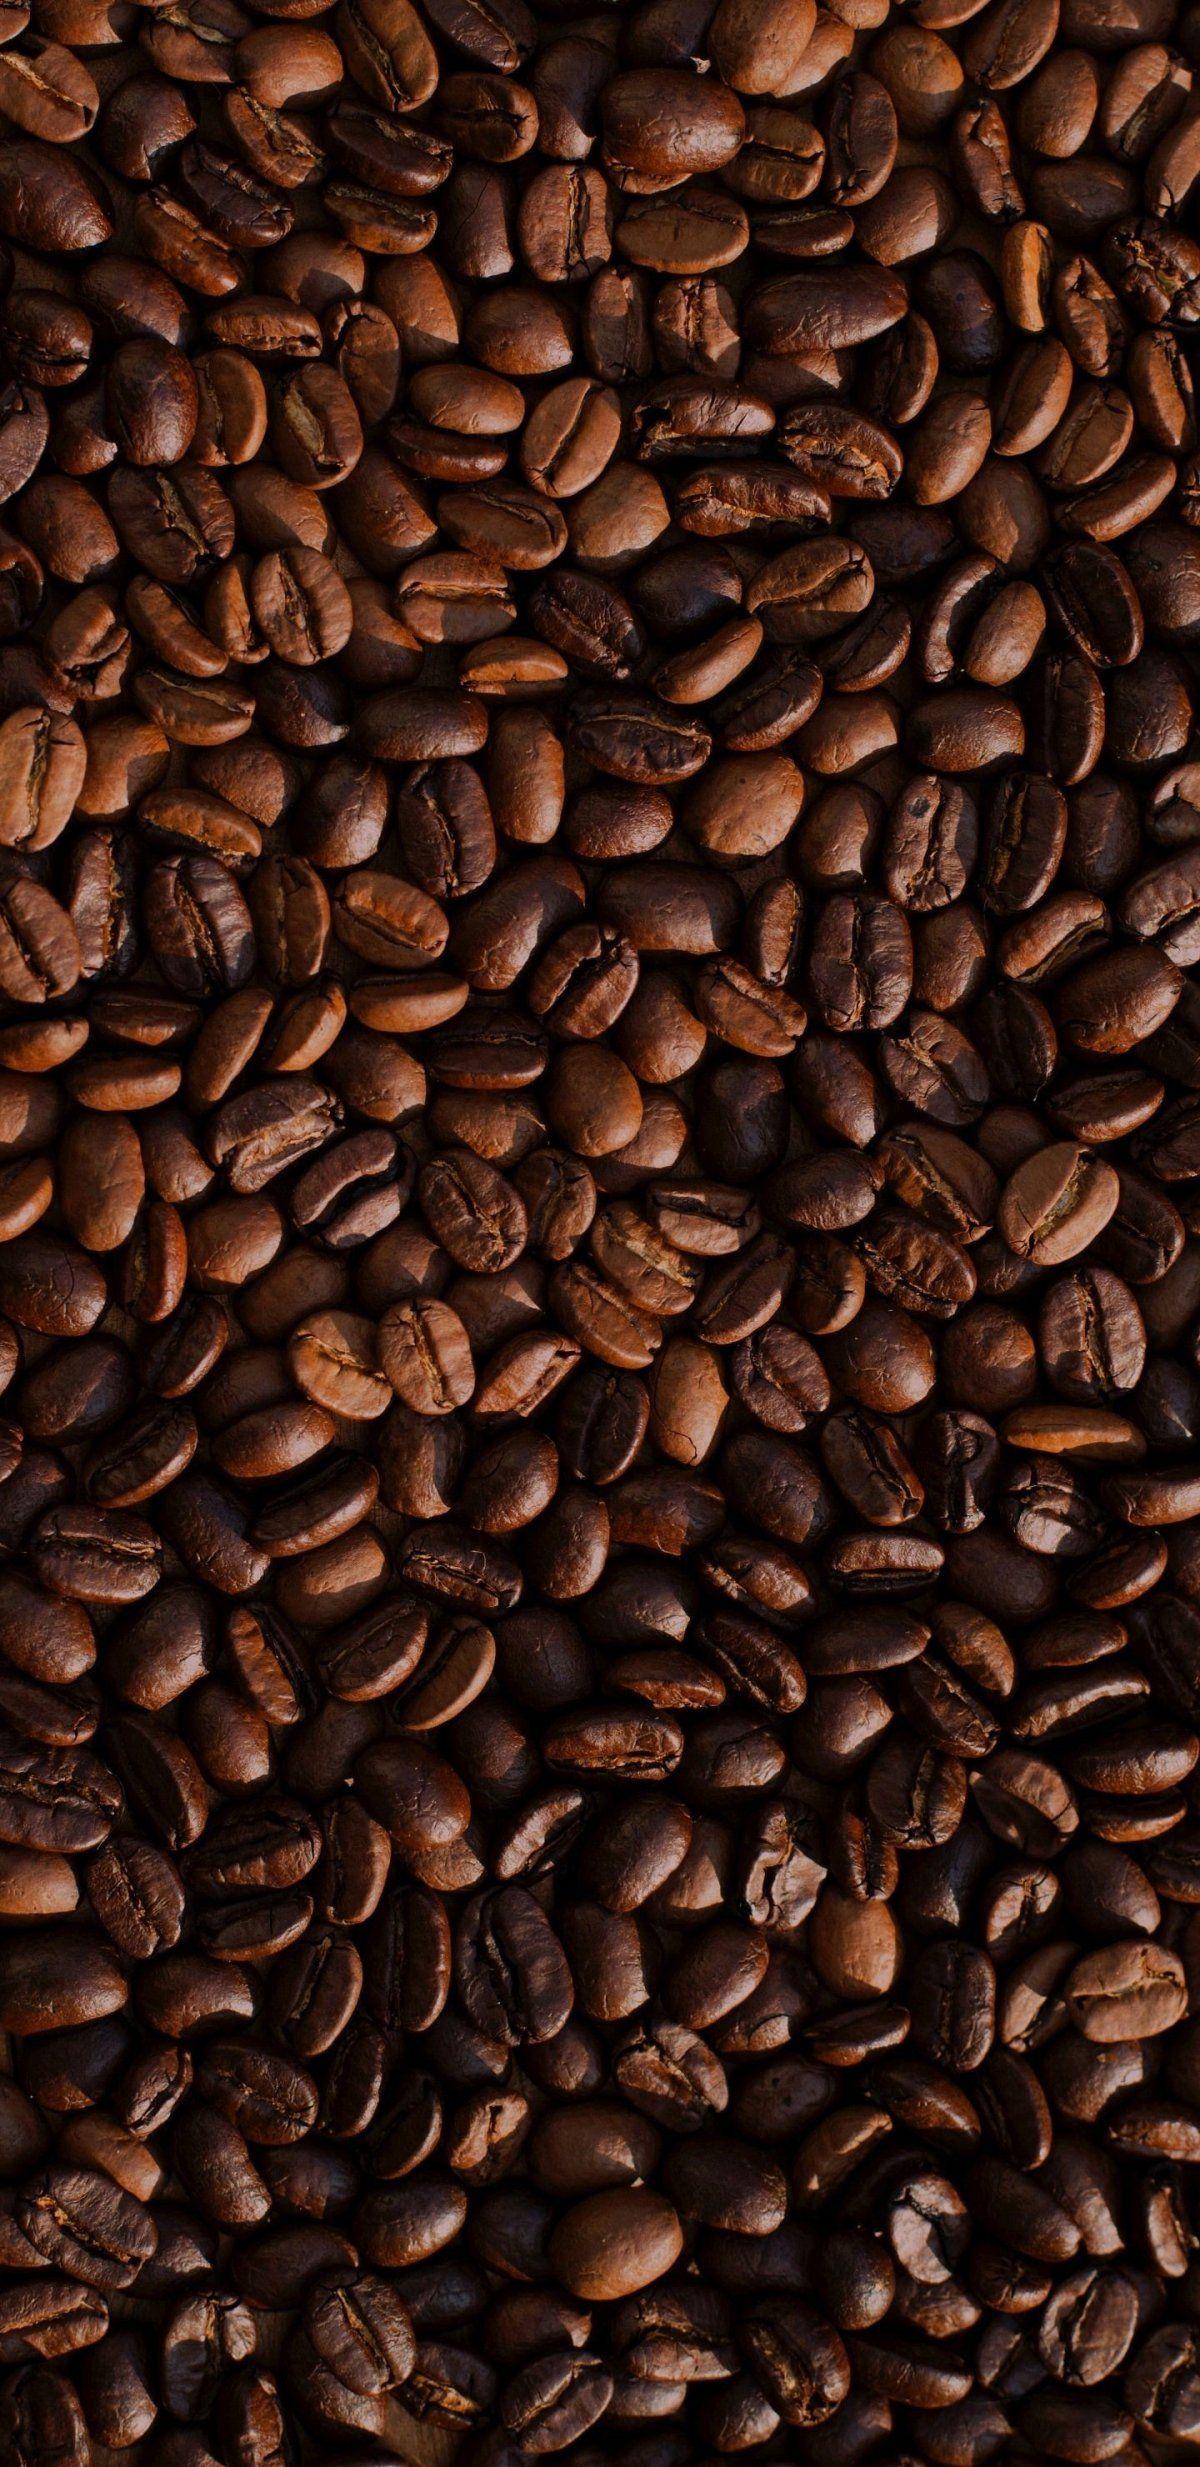 خلفيات قهوة بن حبوب Coffee عالية الوضوح 11 Coffee Wallpaper Iphone Galaxy S8 Wallpaper S8 Wallpaper